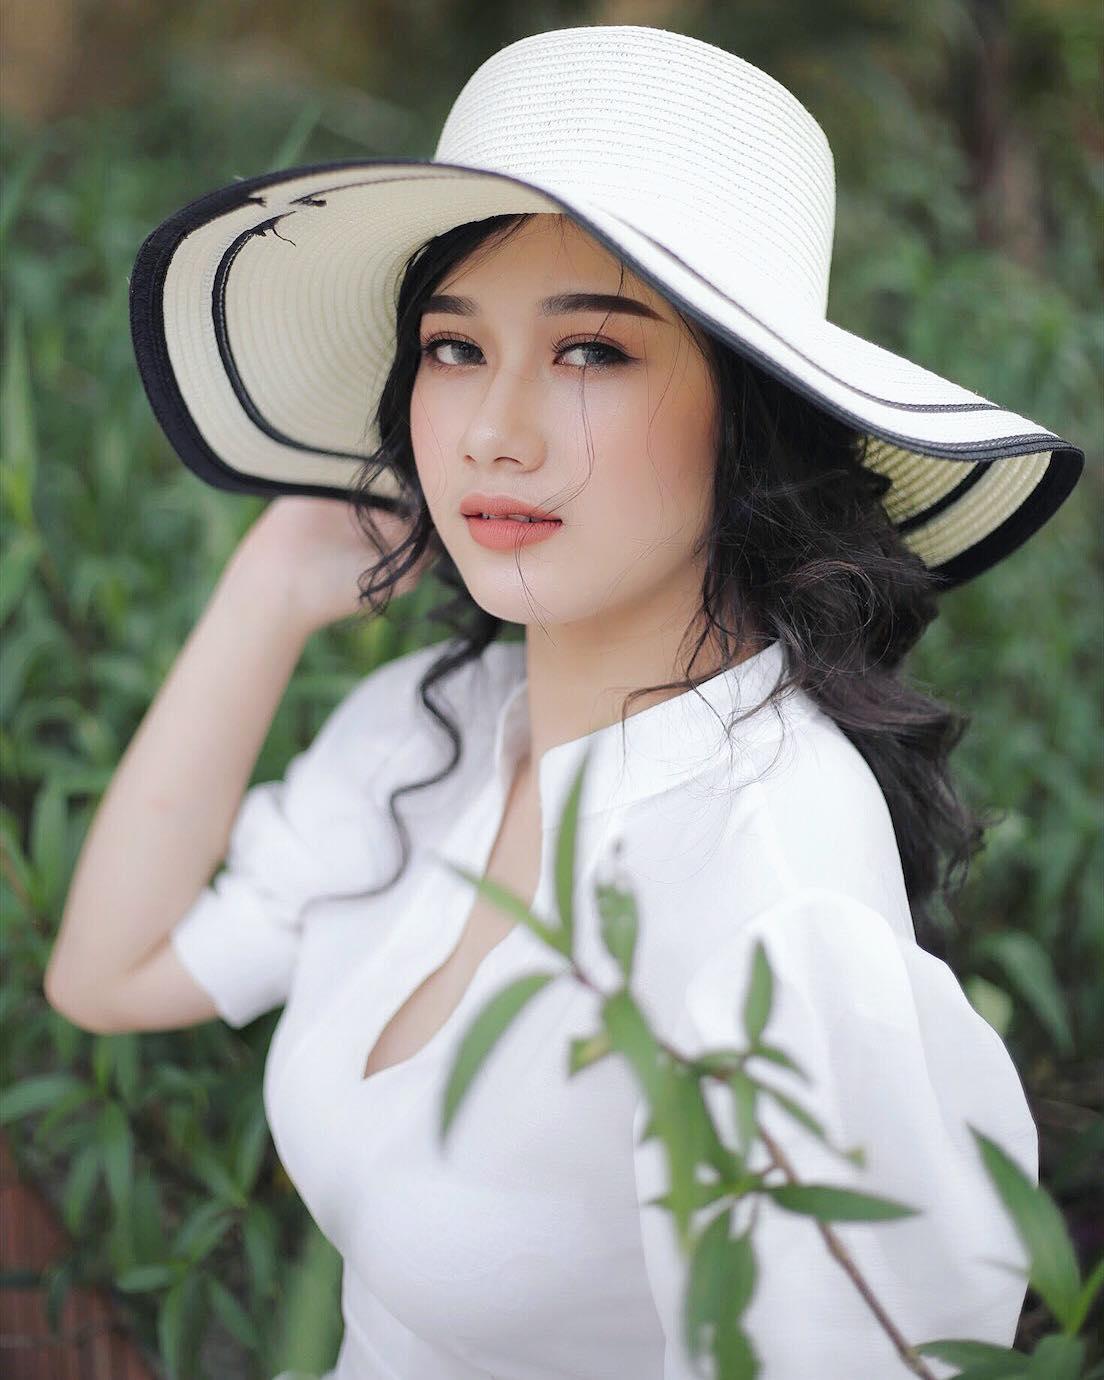 Người đẹp Như Phương chia sẻ kinh nghiệm làm đẹp sử dụng mỹ phẩm Korena - Ảnh 2